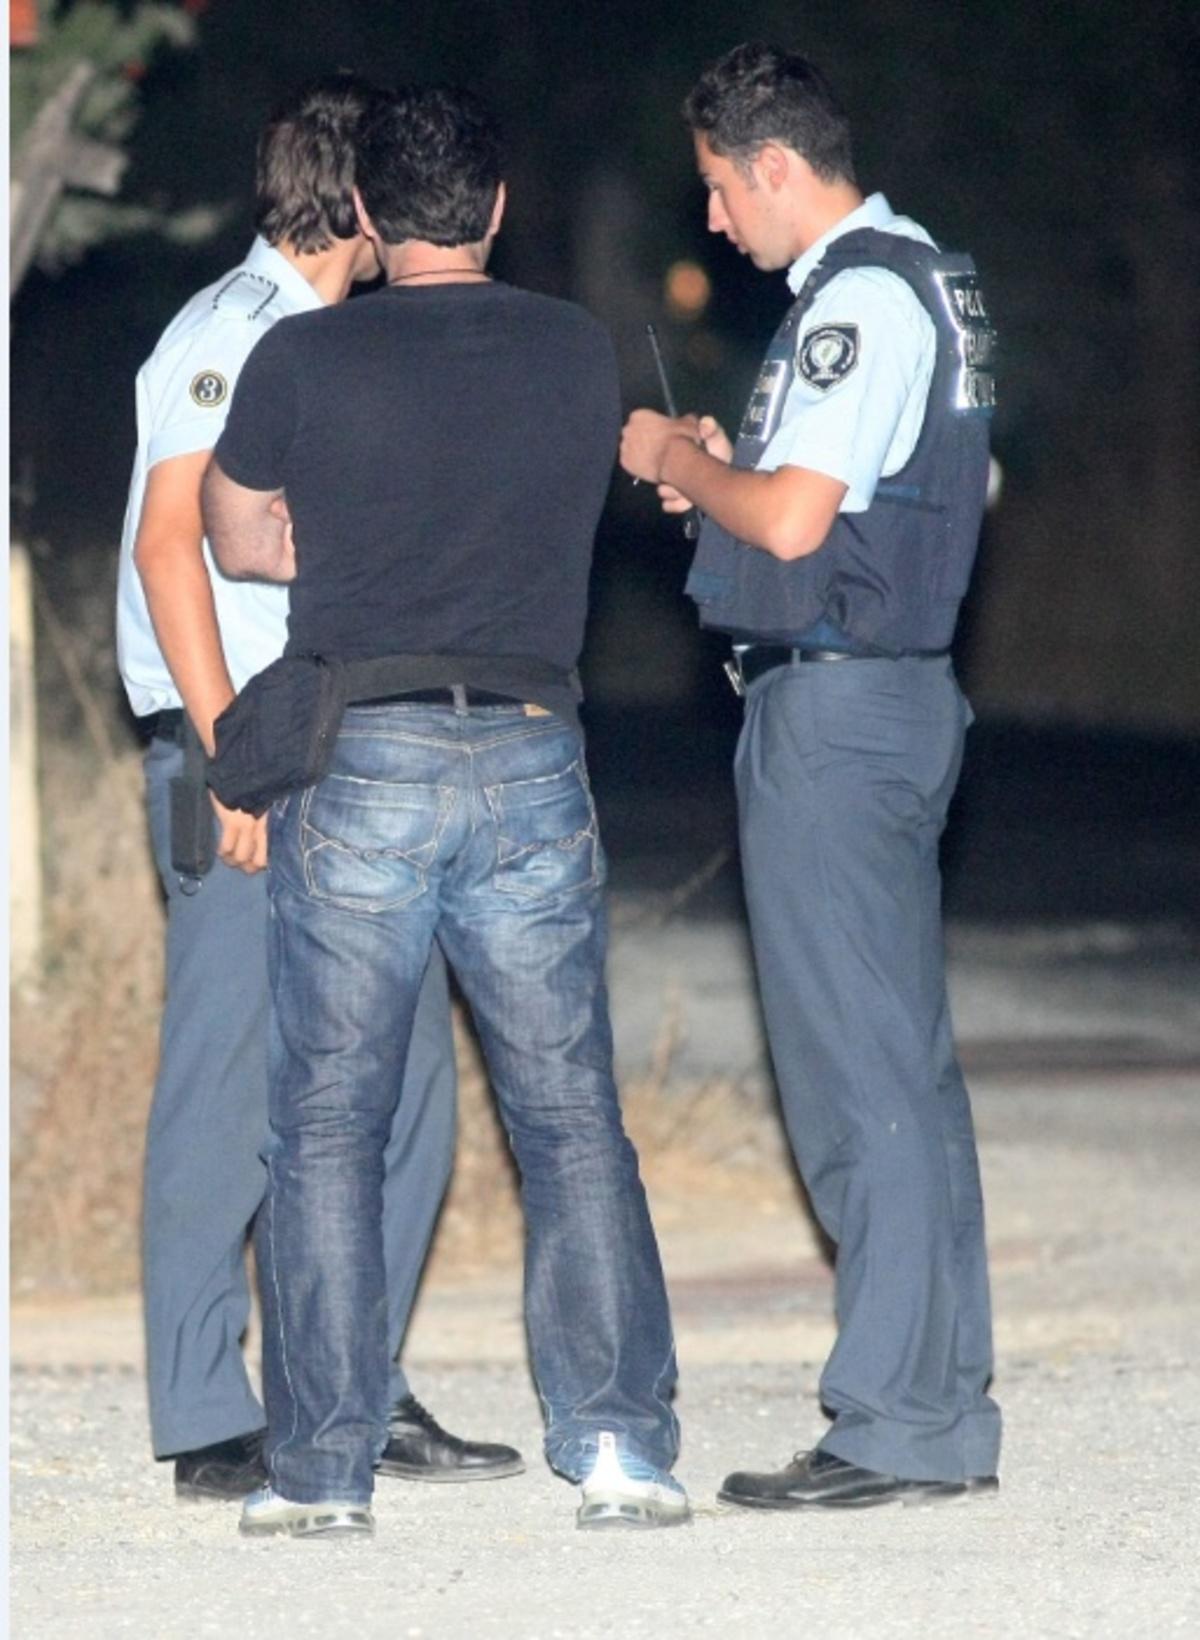 Μεσσηνία:Χτύπησαν ζευγάρι και το έσκασαν με το αυτοκίνητο της κόρης! | Newsit.gr